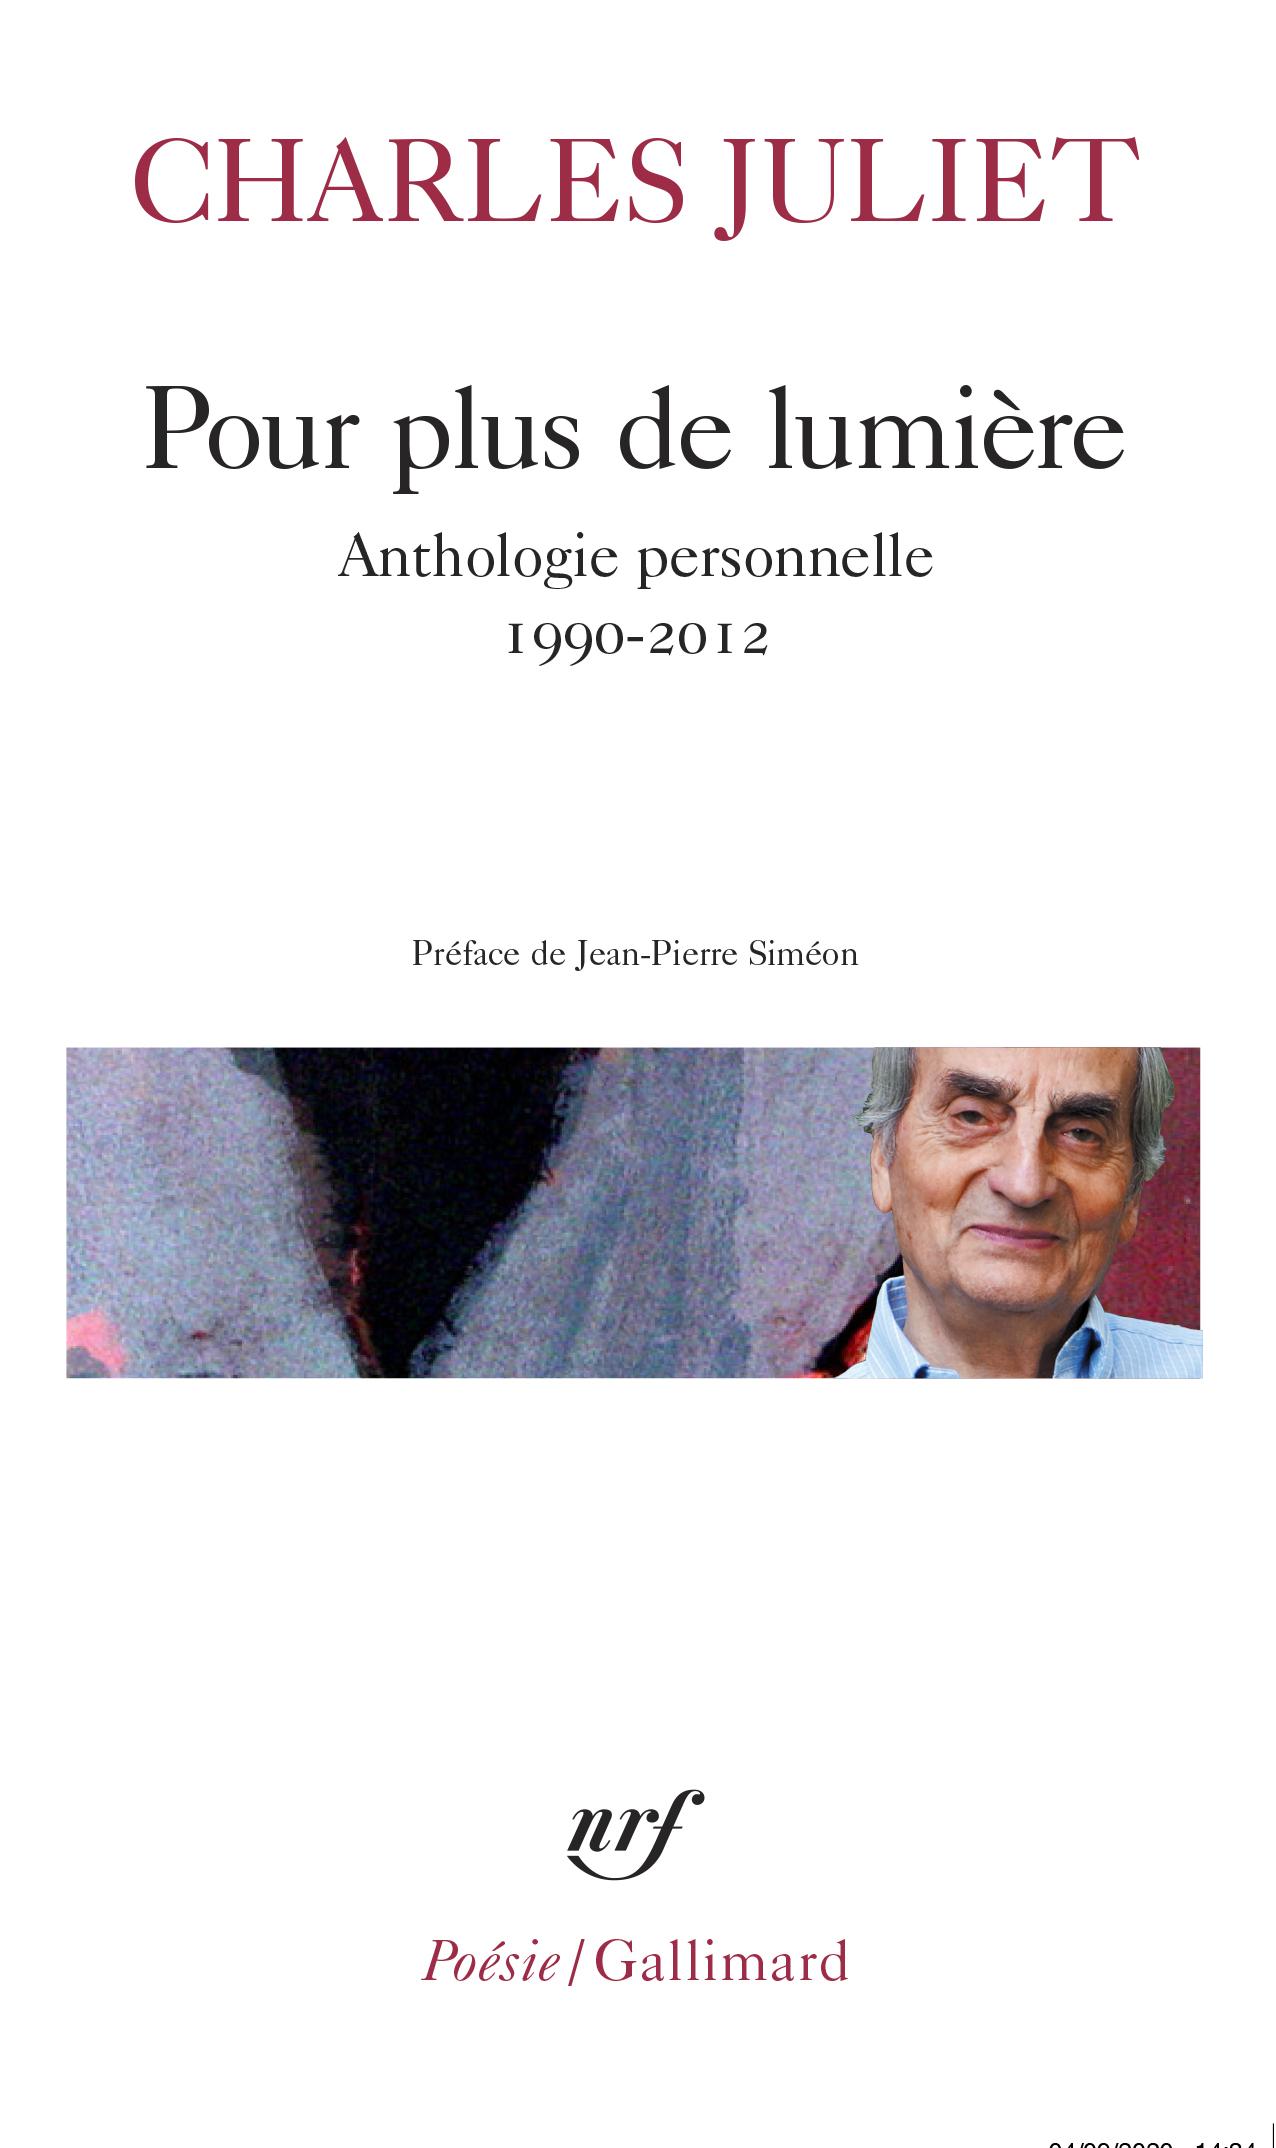 Ch. Juliet,Pour plus de lumière. Anthologie personnelle (1990-2012)